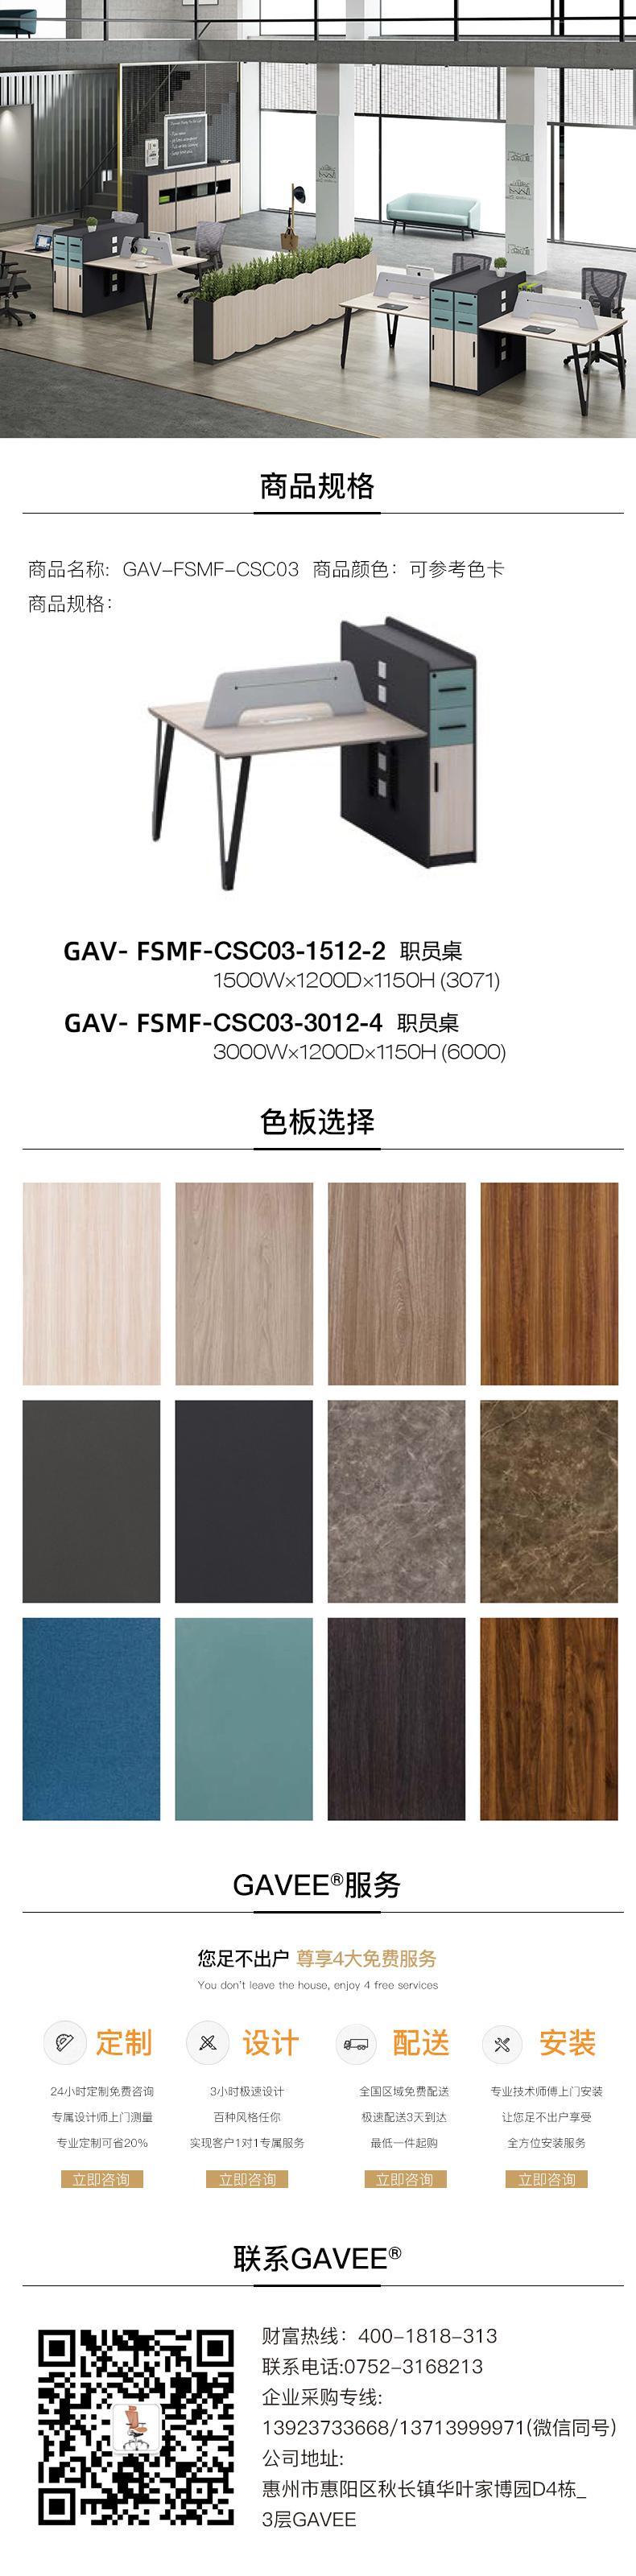 開放辦公系統GAV-FSMF-CSC03.jpg